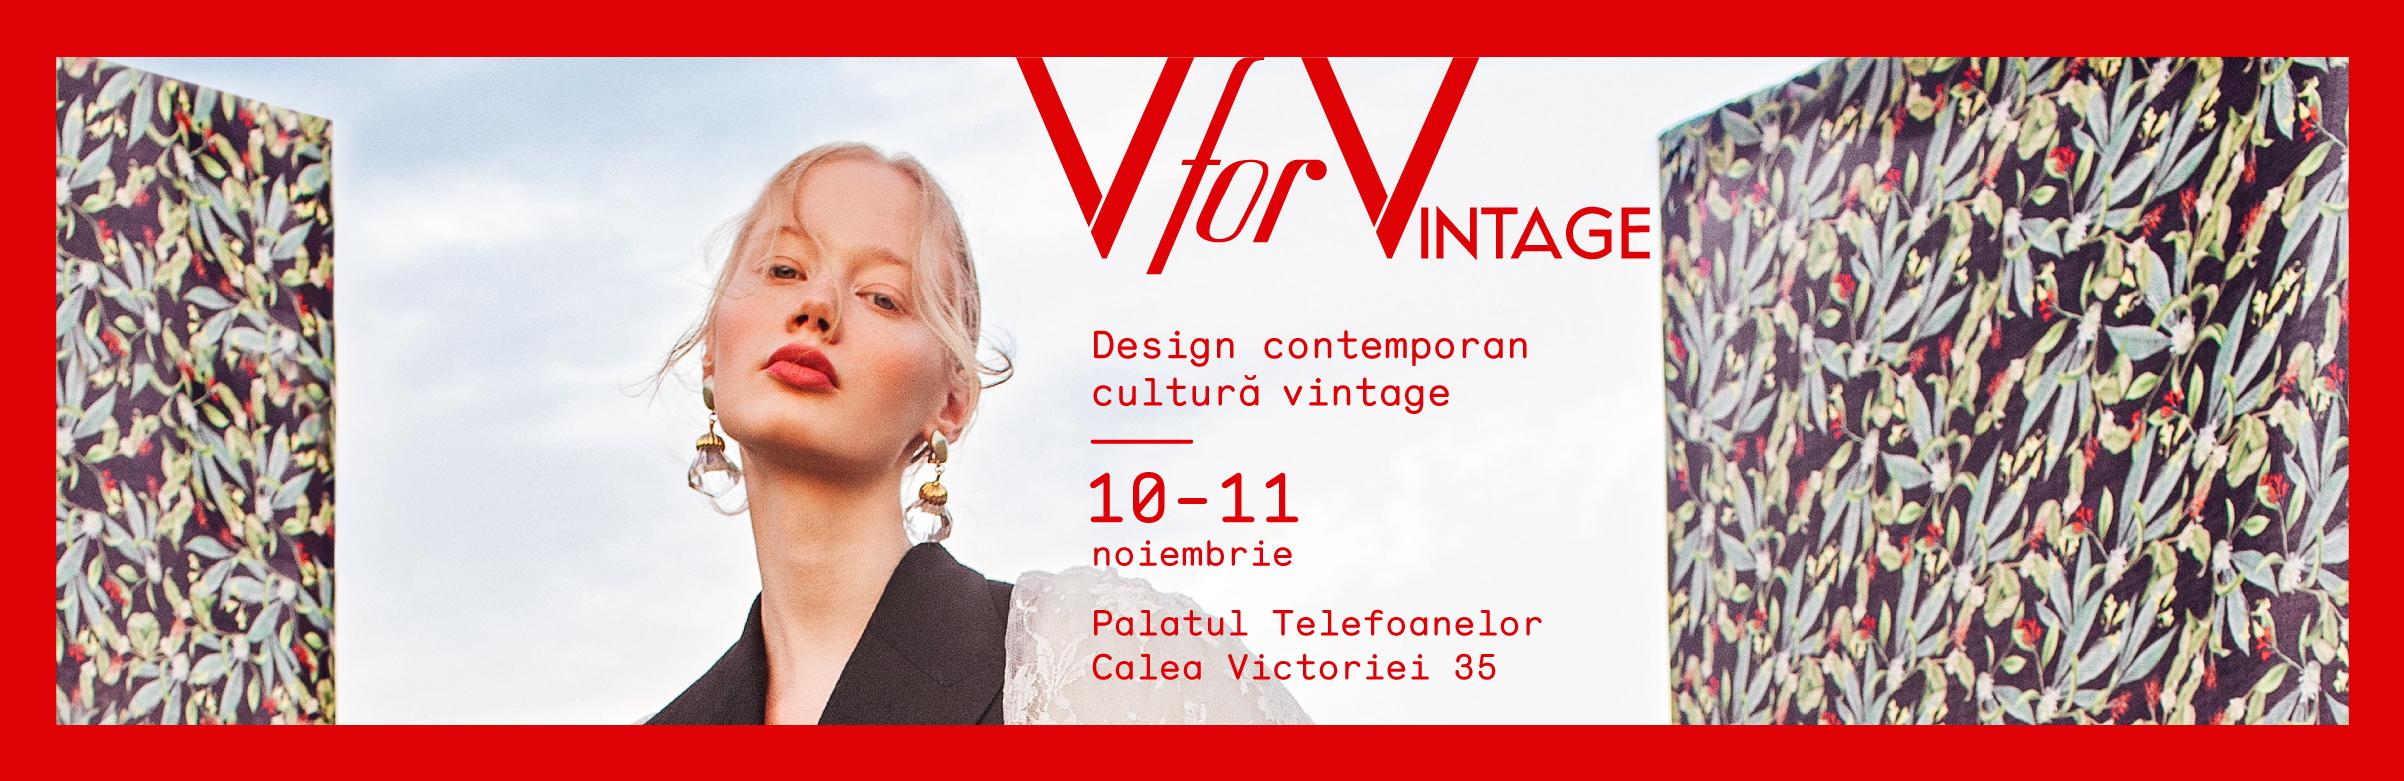 V for Vintage 2018